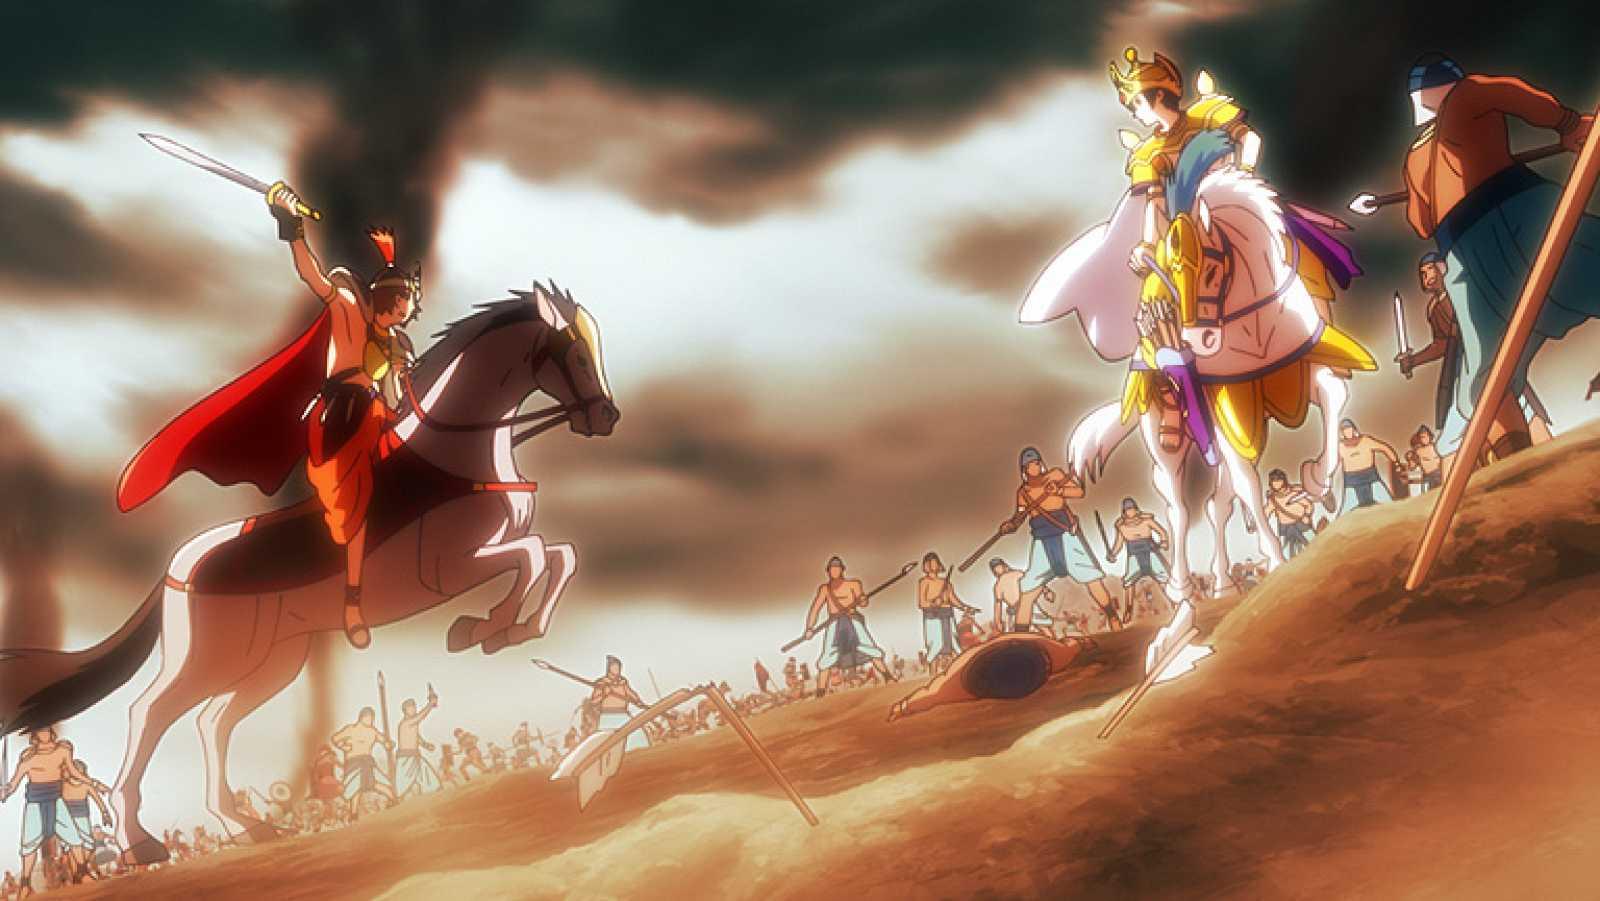 Tráiler de 'Buda, el gran viaje', de Kozo Morishita. Película basada en el conocido manga de Osamu Tezuka